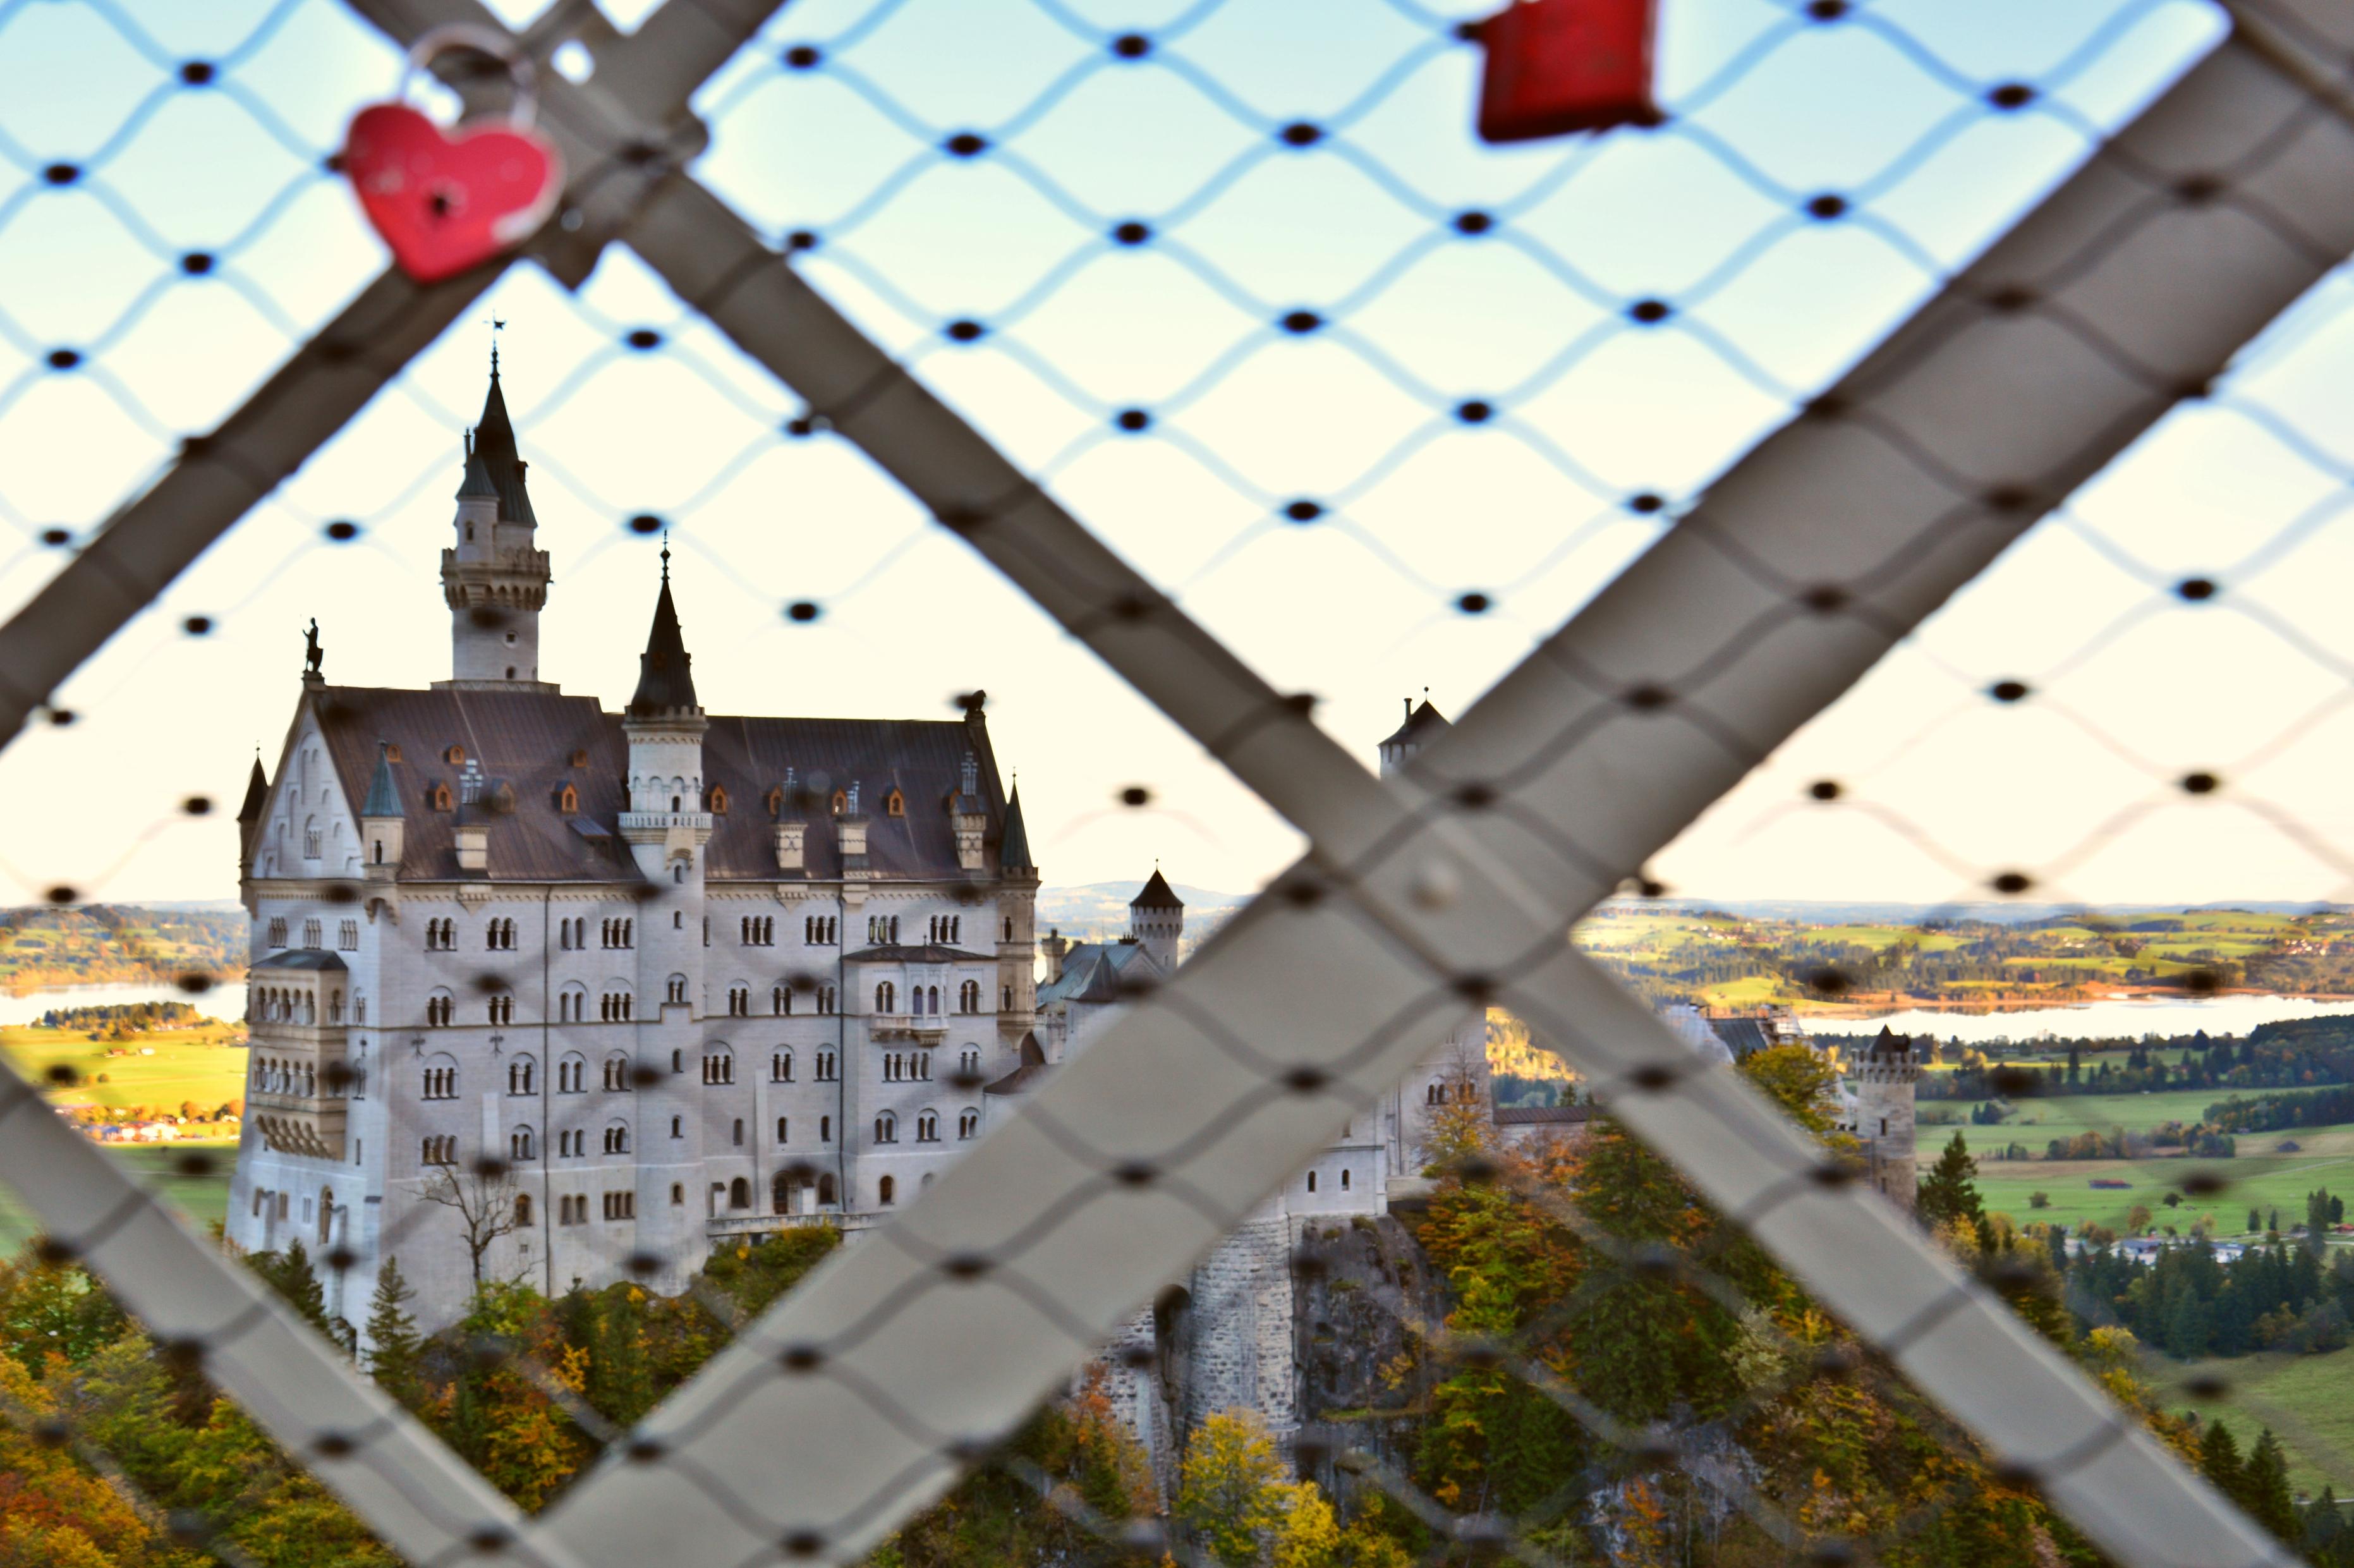 B0123 Herz am Schloss Neuschwangau.jpg